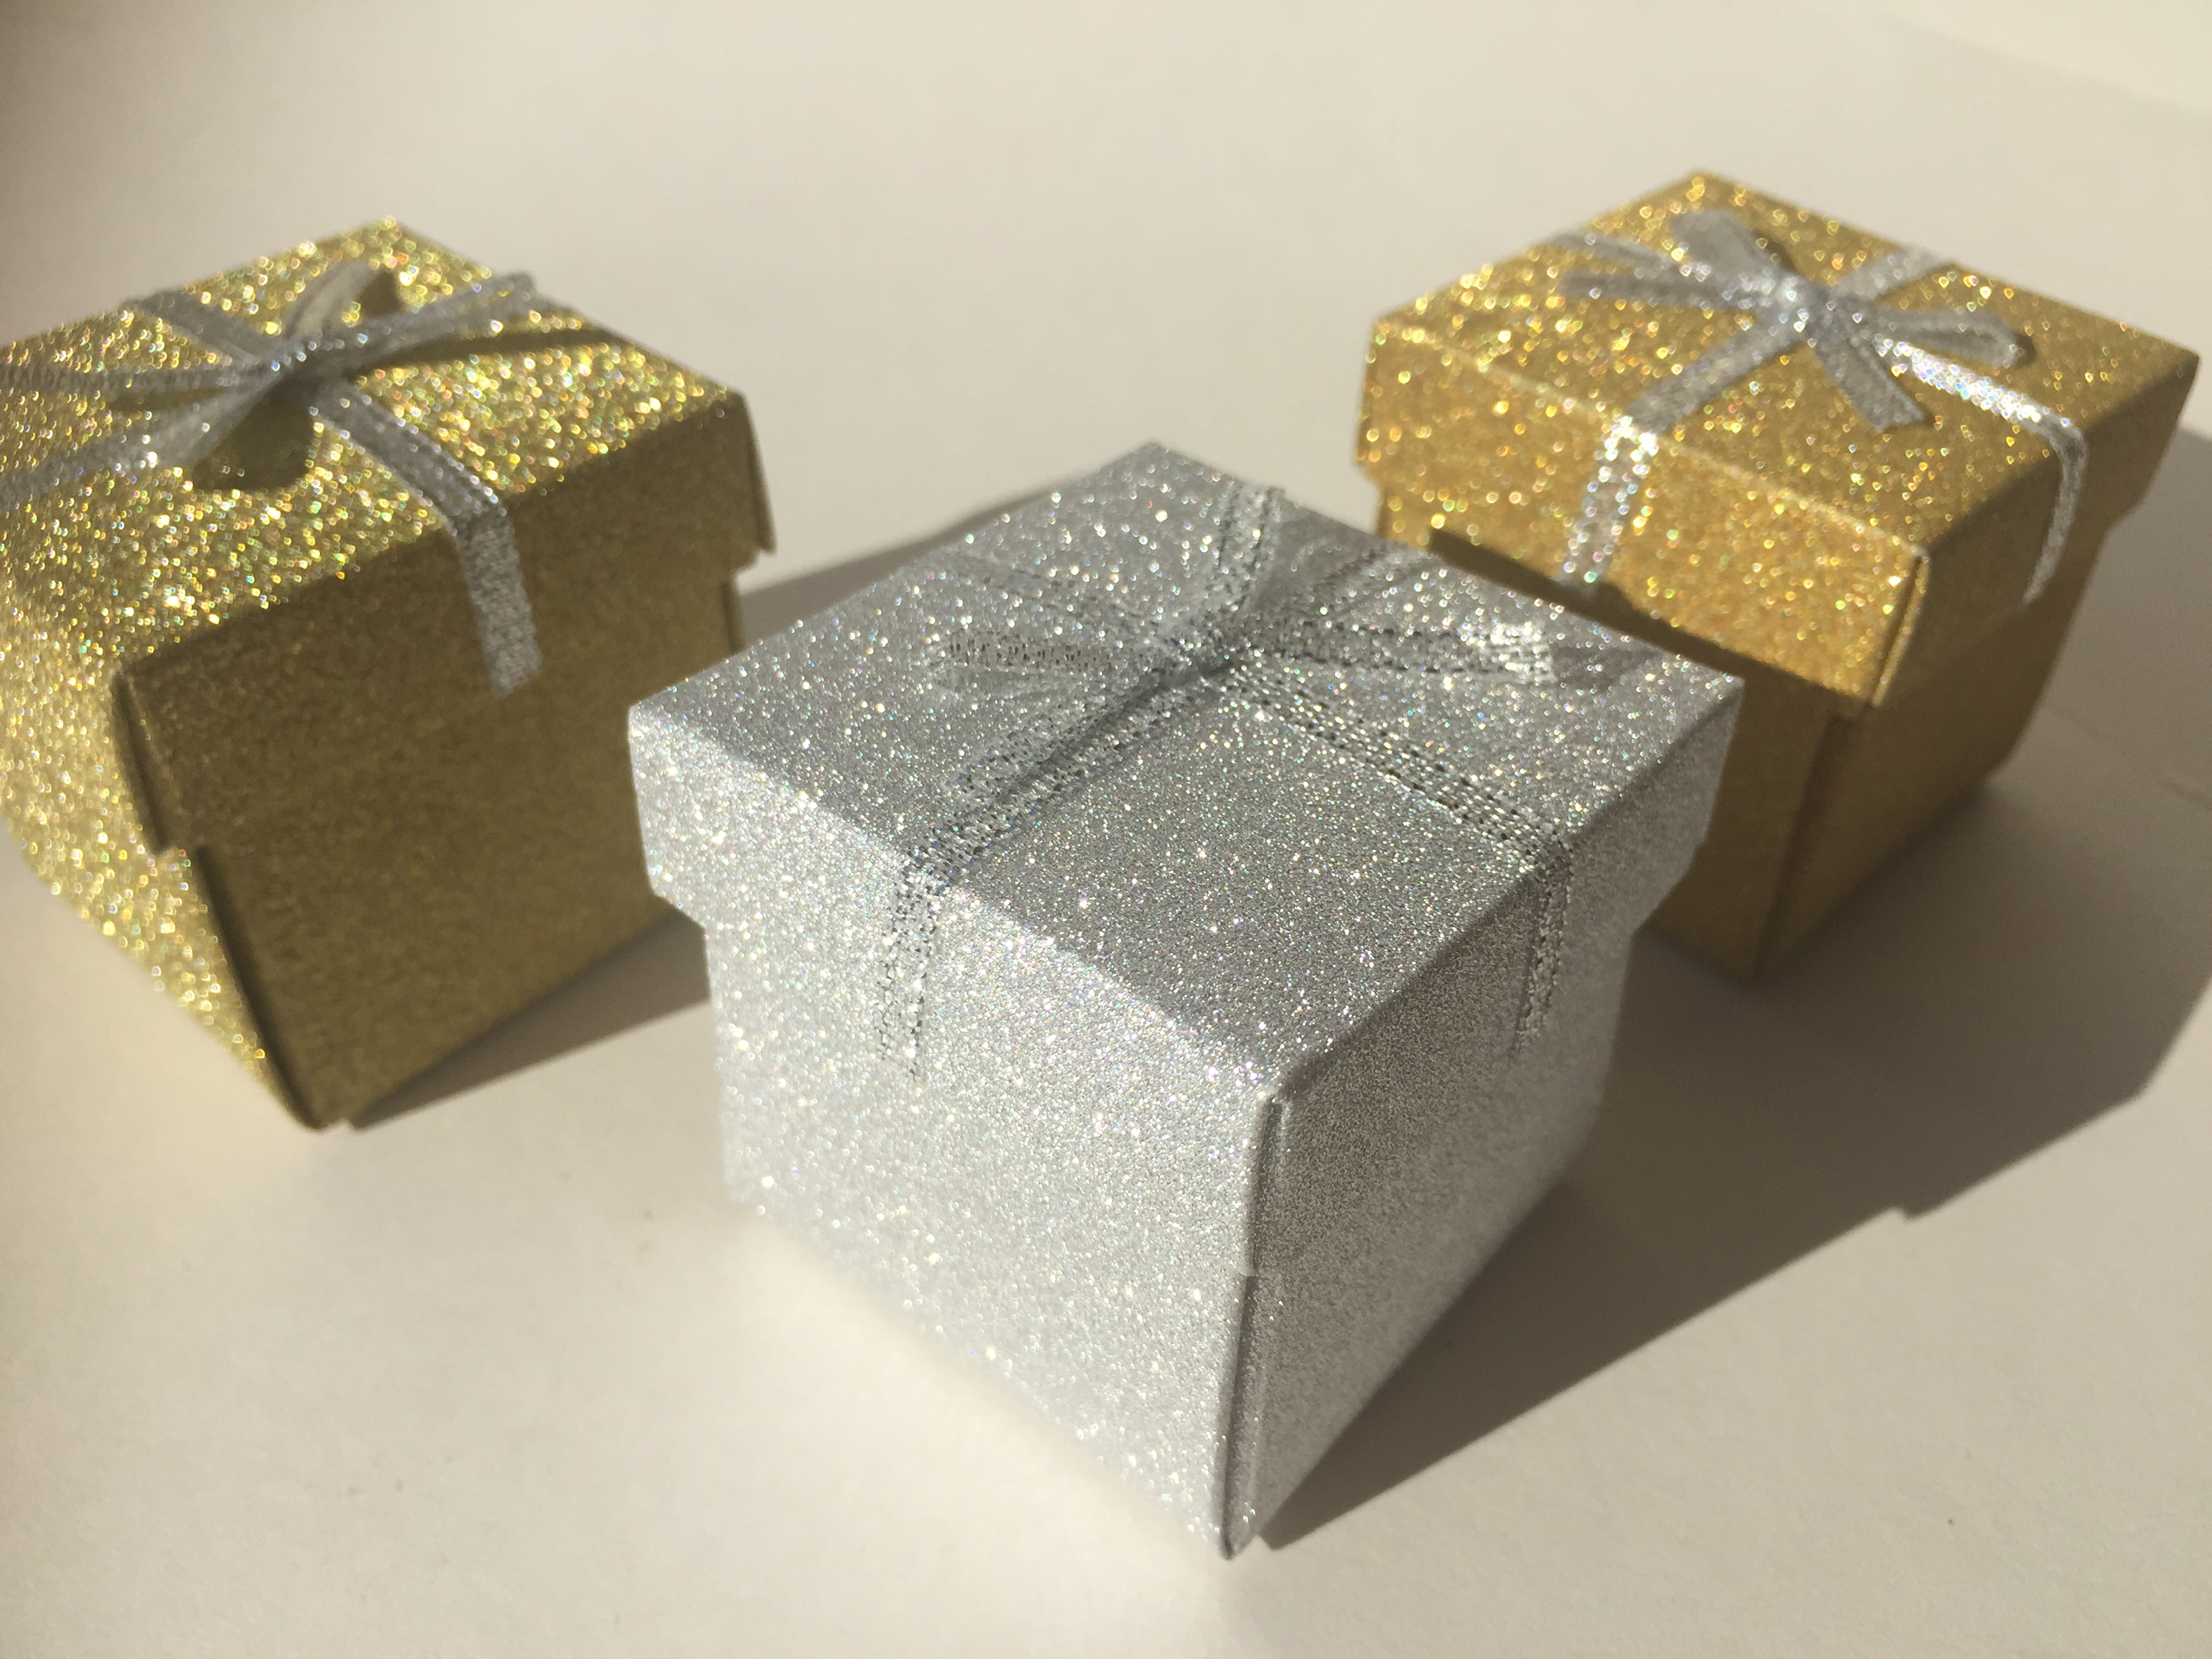 Gold Glitter Gift Box small lightbox · lightbox & Gold Glitter Small Gift Box - The Spirit Shop